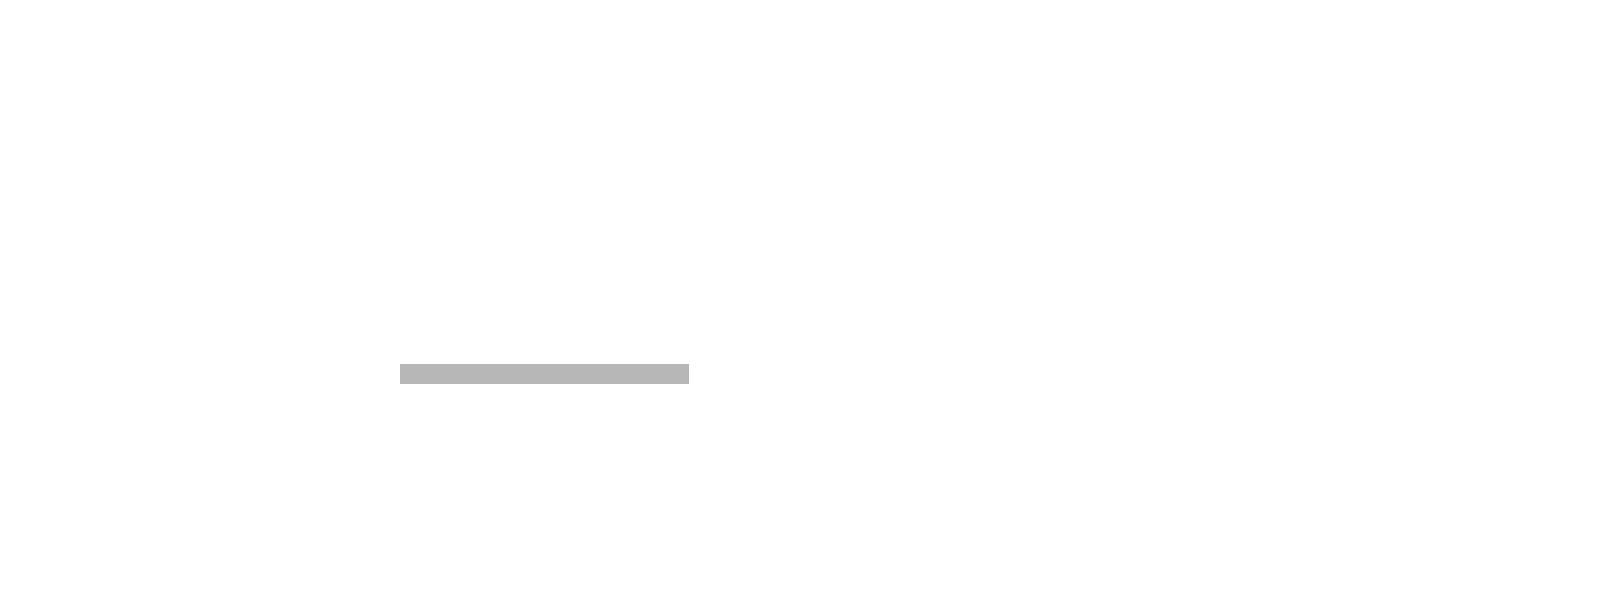 لایه ششم اسلایدر انجمن هنرهای نمایشی ، هویت بصری انجمن هنرهای نمایشی ، هویت بصری ، طراحی لوگو ، طراحی لوگوتایپ ، شرکت تبلیغاتی الف ، طراحی هویت بصری